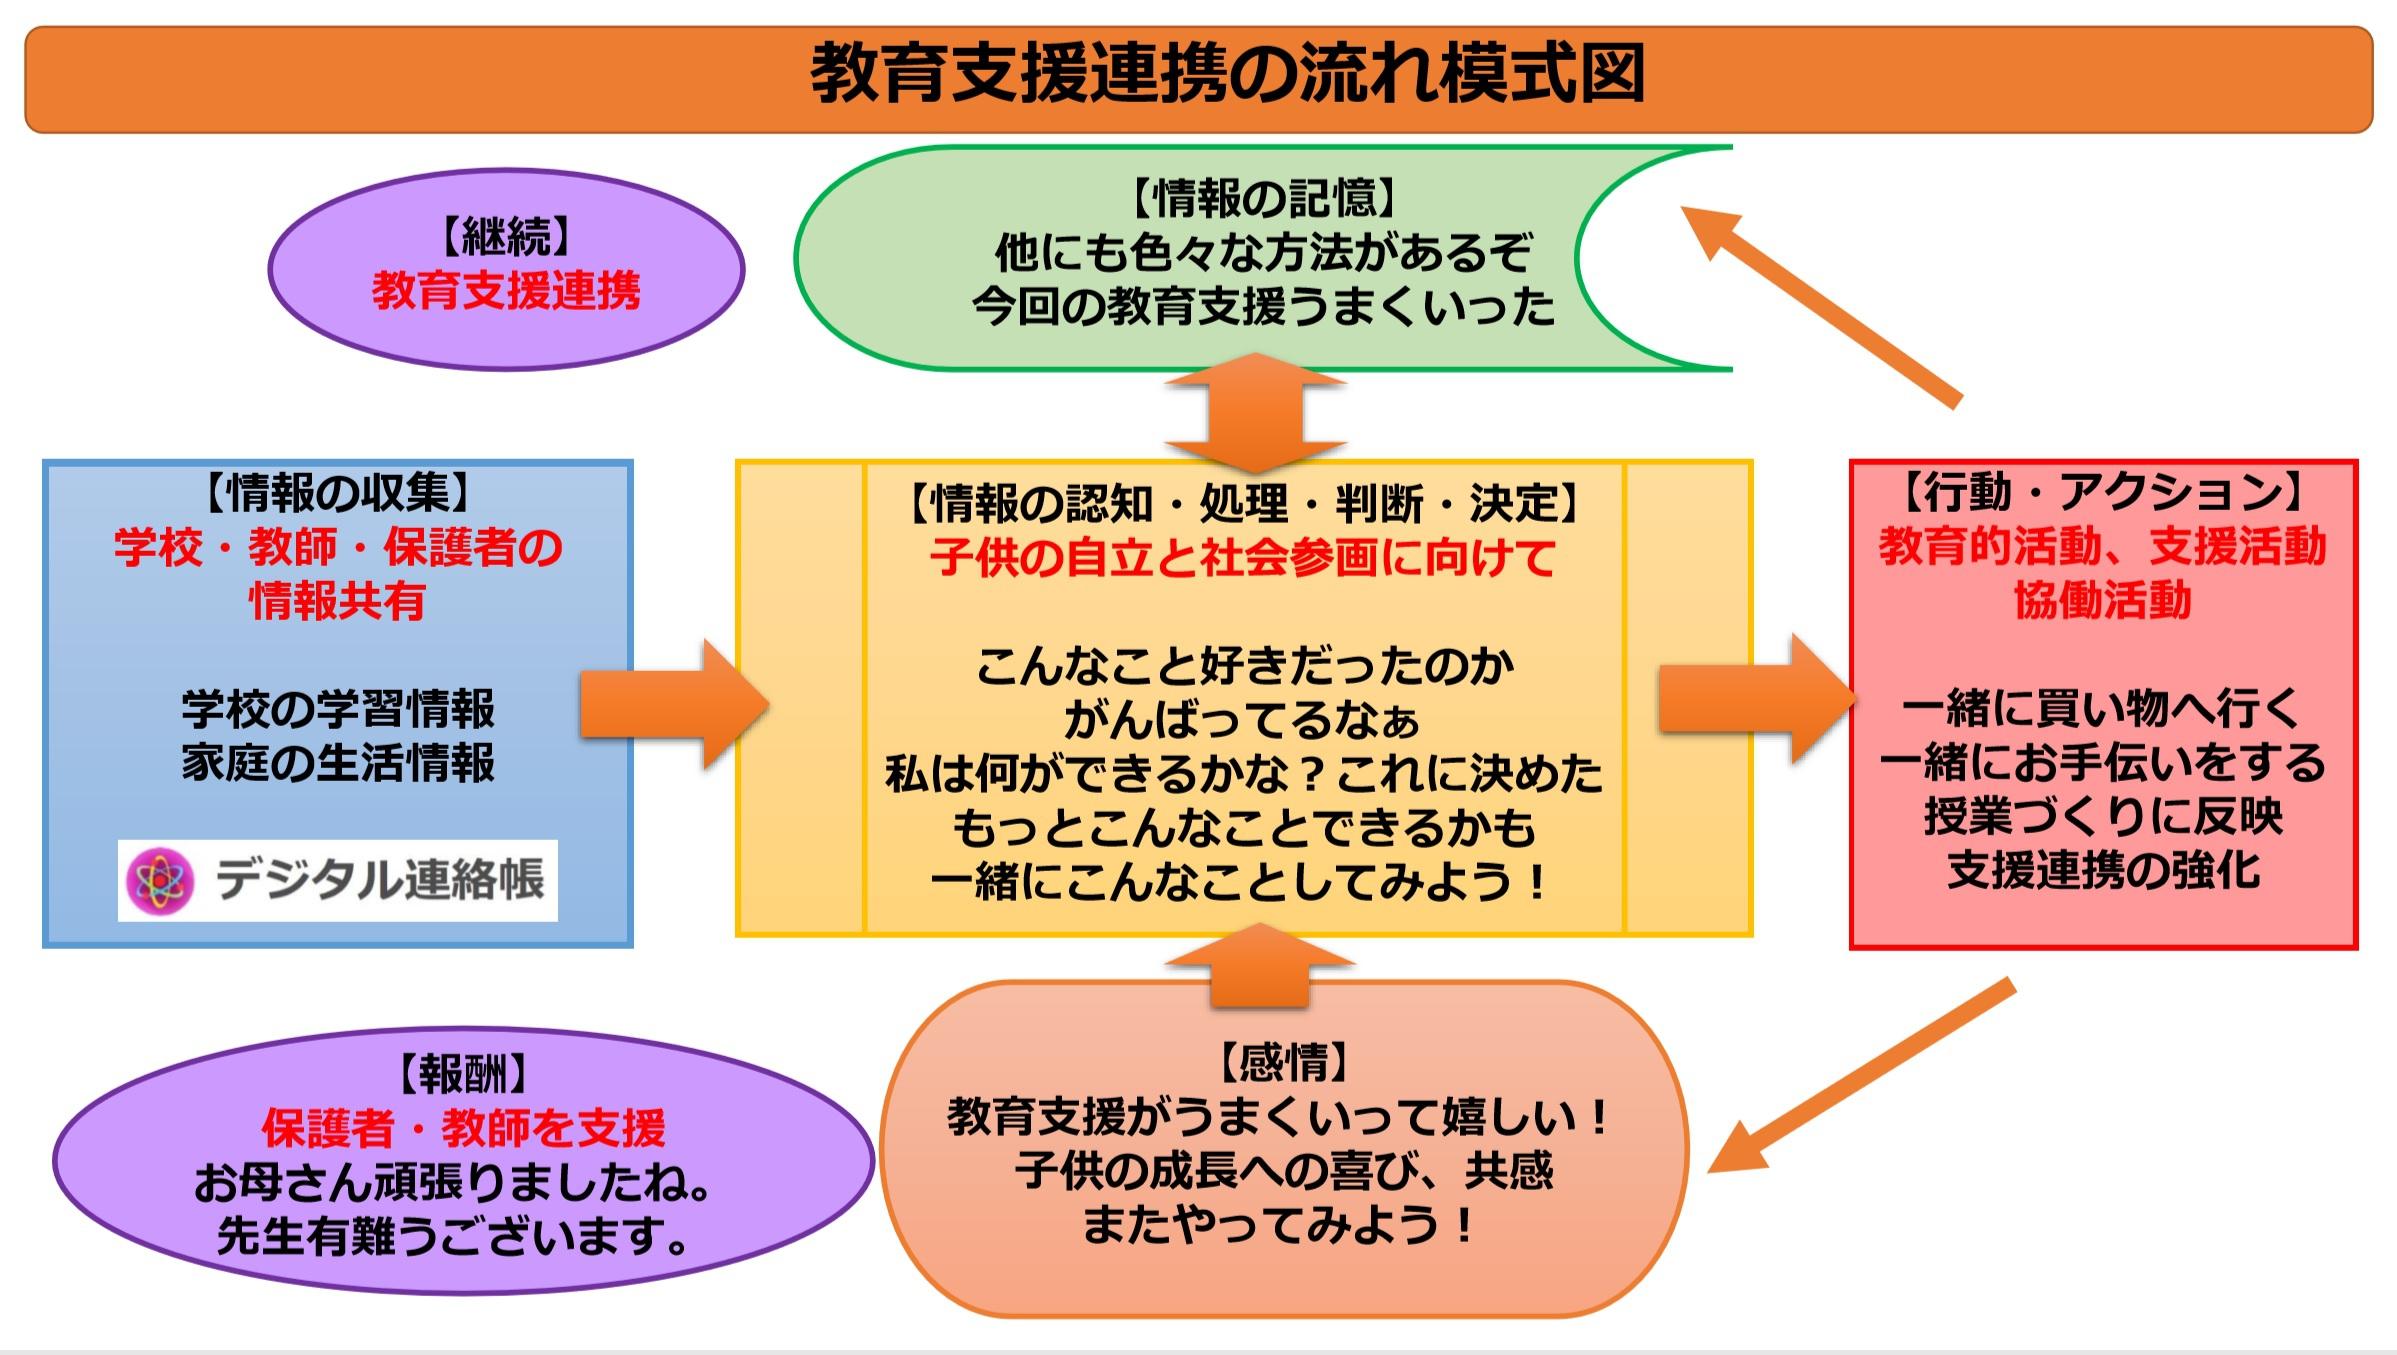 教育支援連携〈教育支援連携の流れ模式図〉